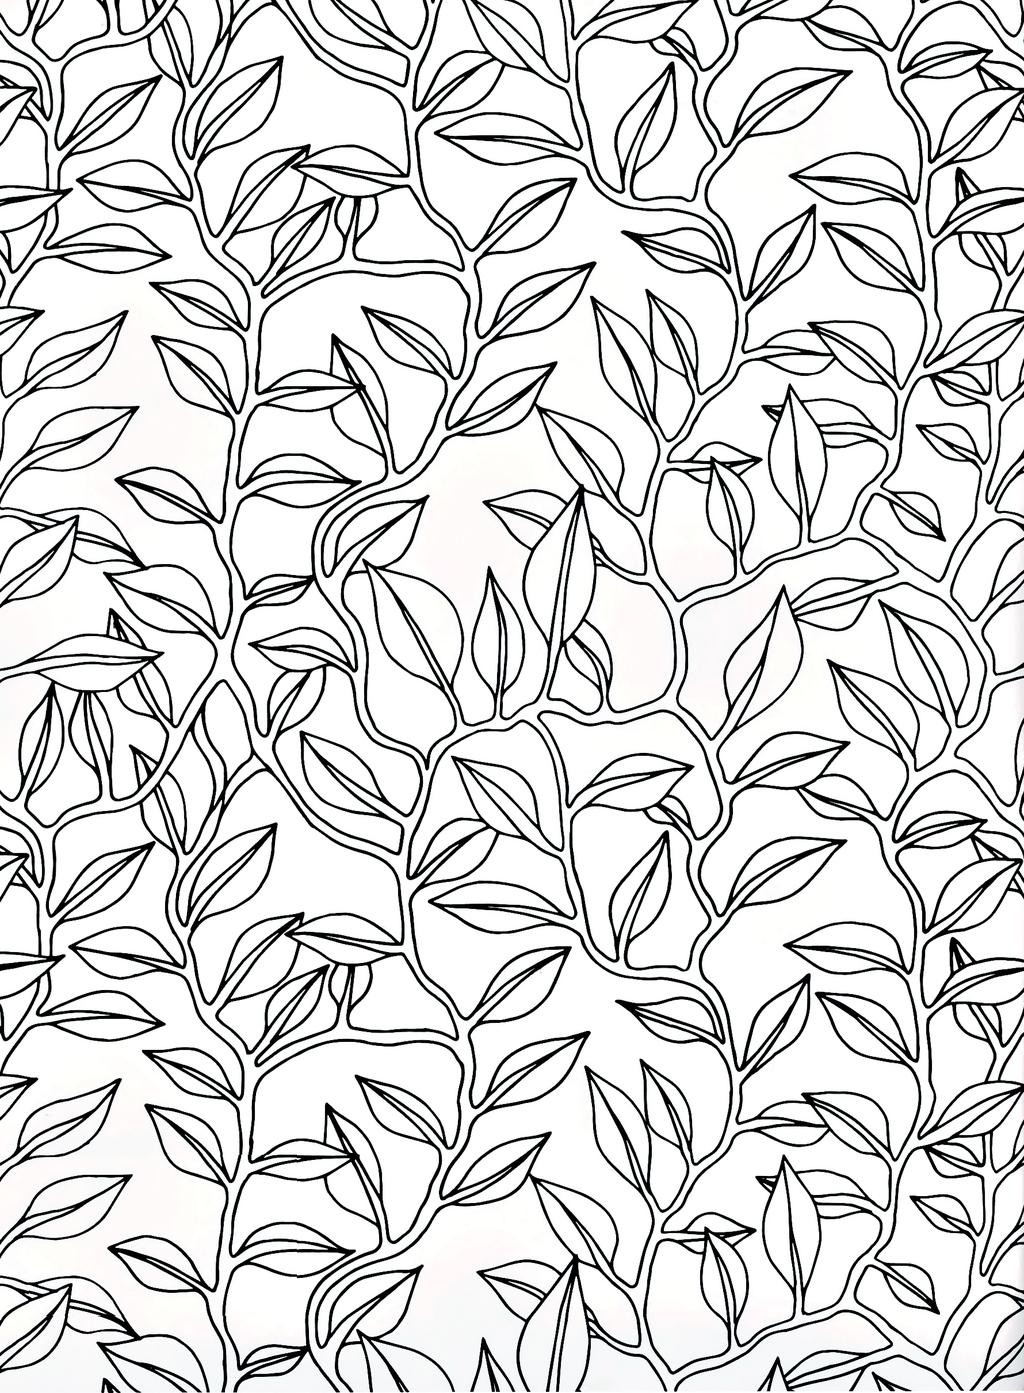 手绘工笔画树叶藤蔓背景图案